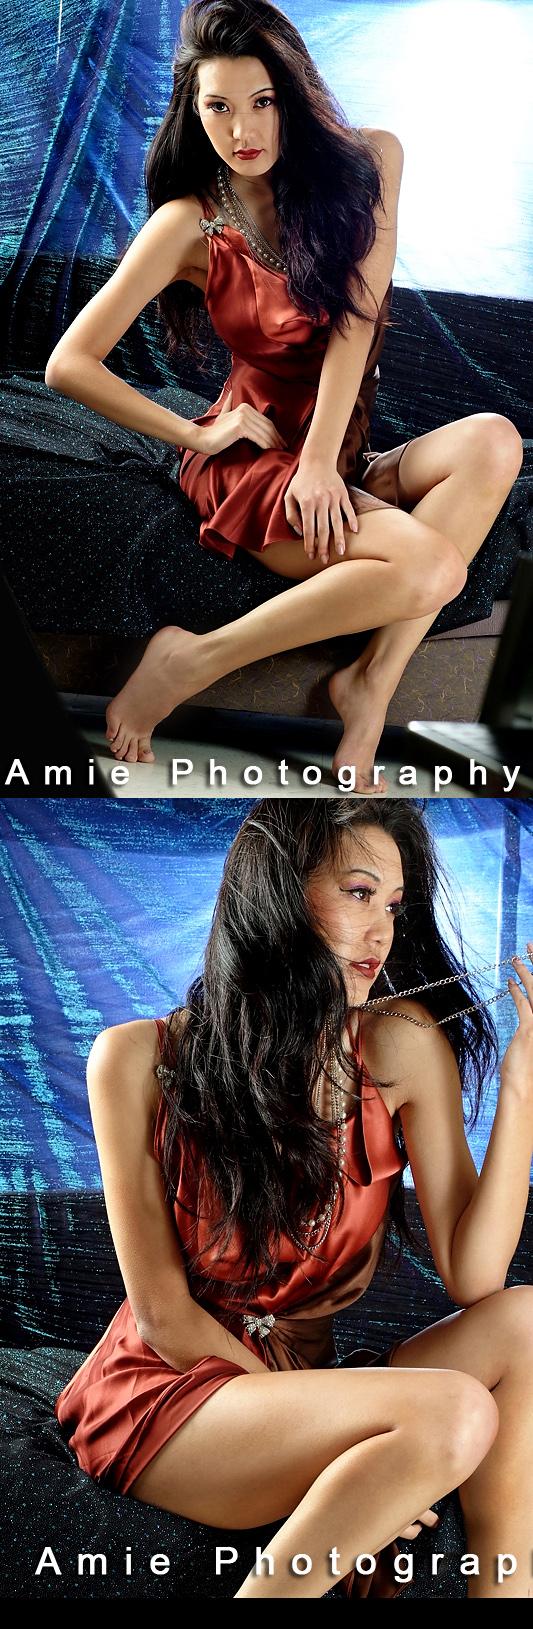 Amie Hana Studio Nov 23, 2011 Amie Hana Photography